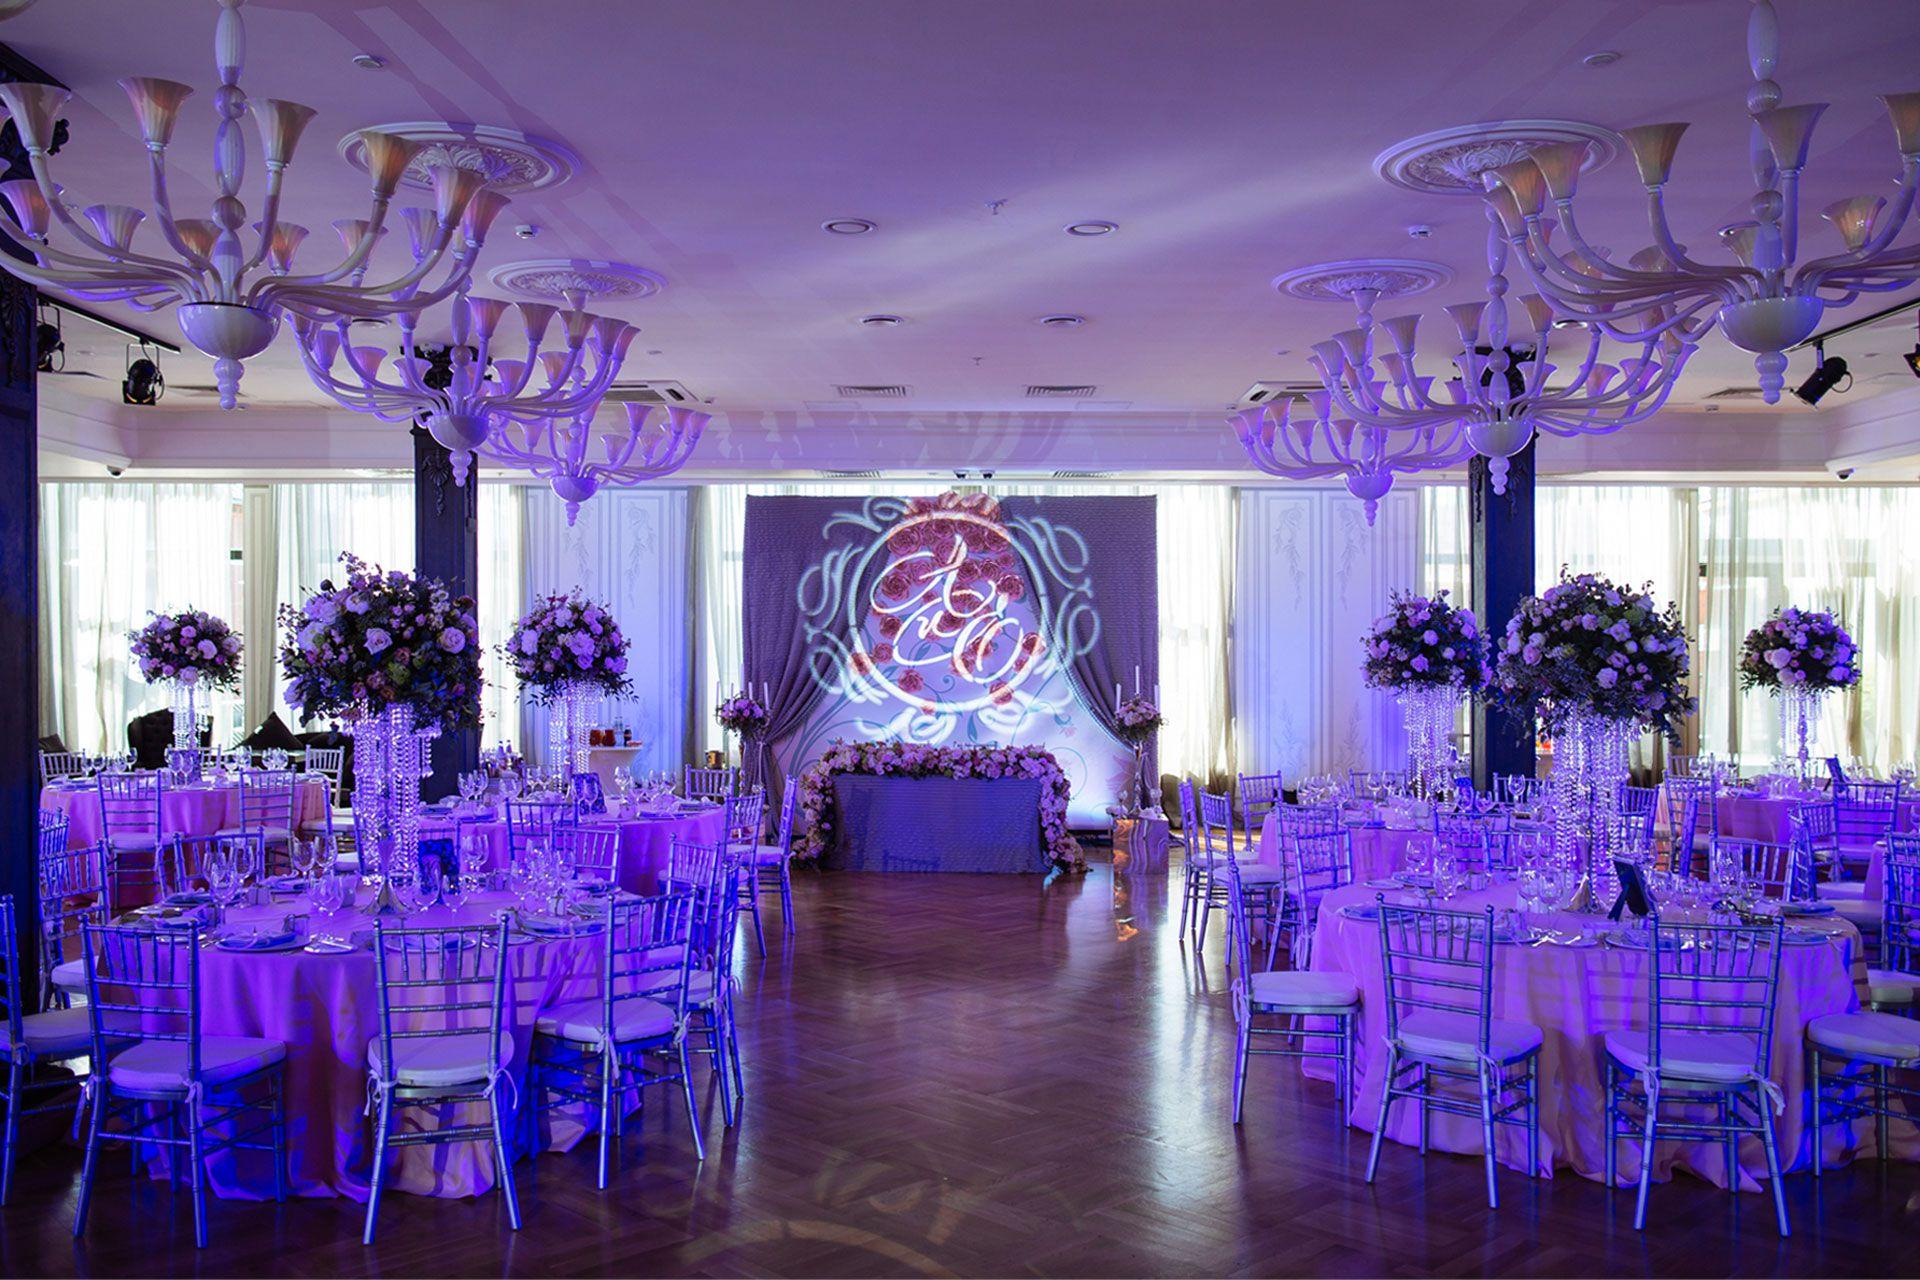 Организатор Варвара Перегудова: световое оборудование на свадьбе фото 21